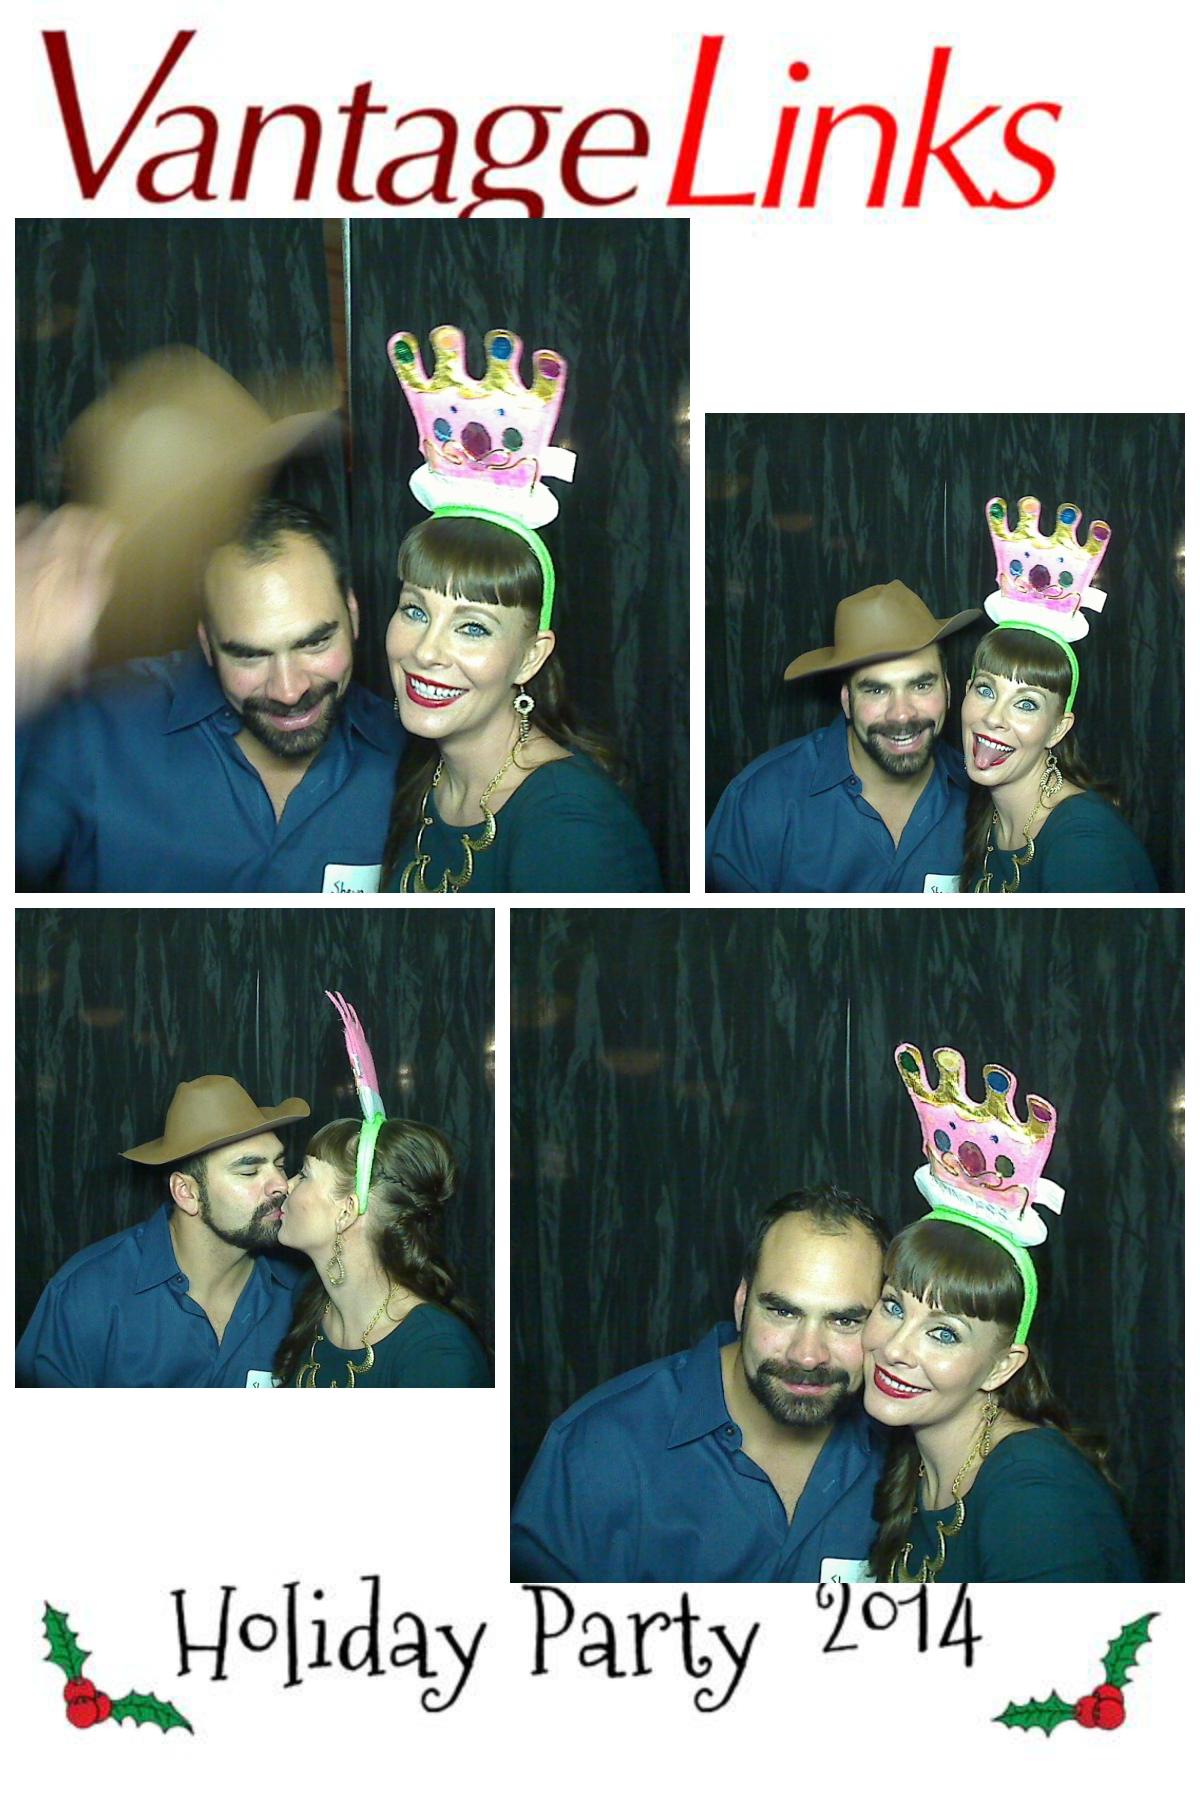 Shawn and Jennifer